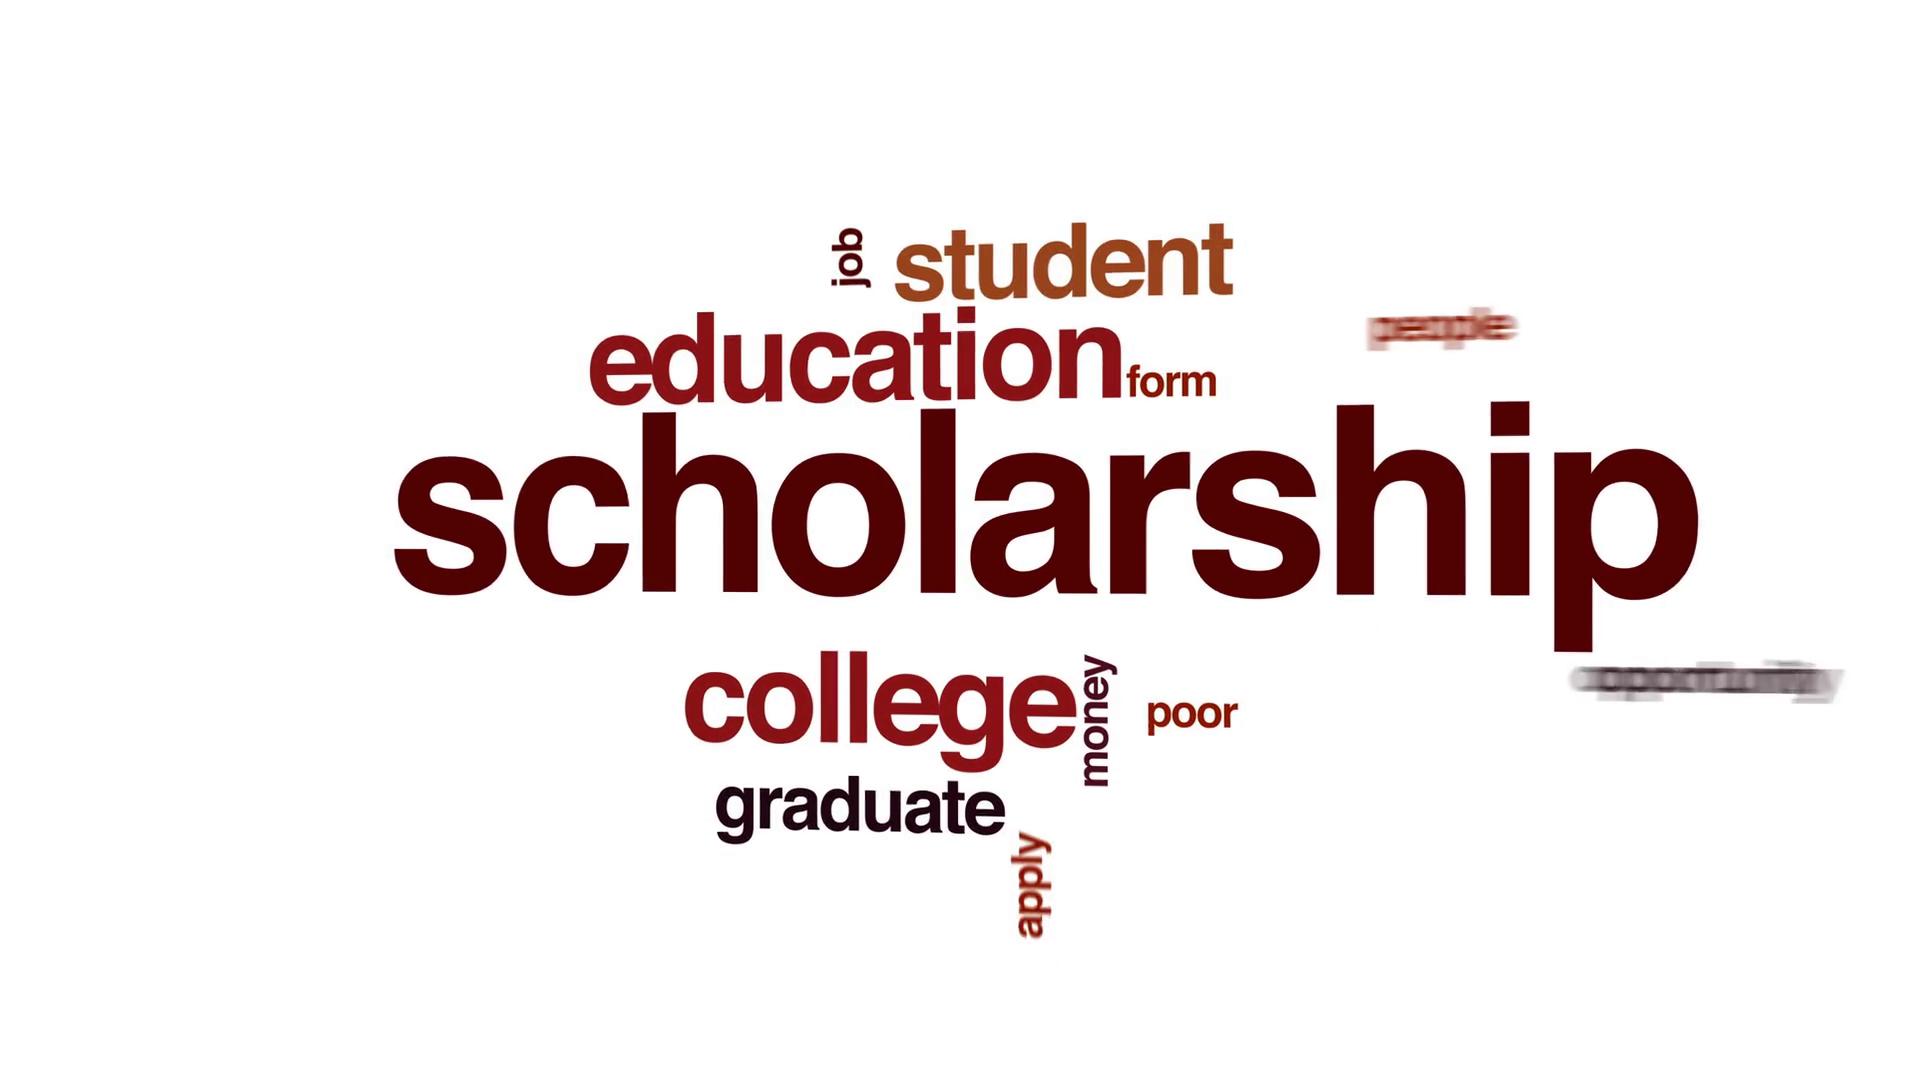 لطلبة الجامعات والماجستير والدكتوراه منحة ال CMA